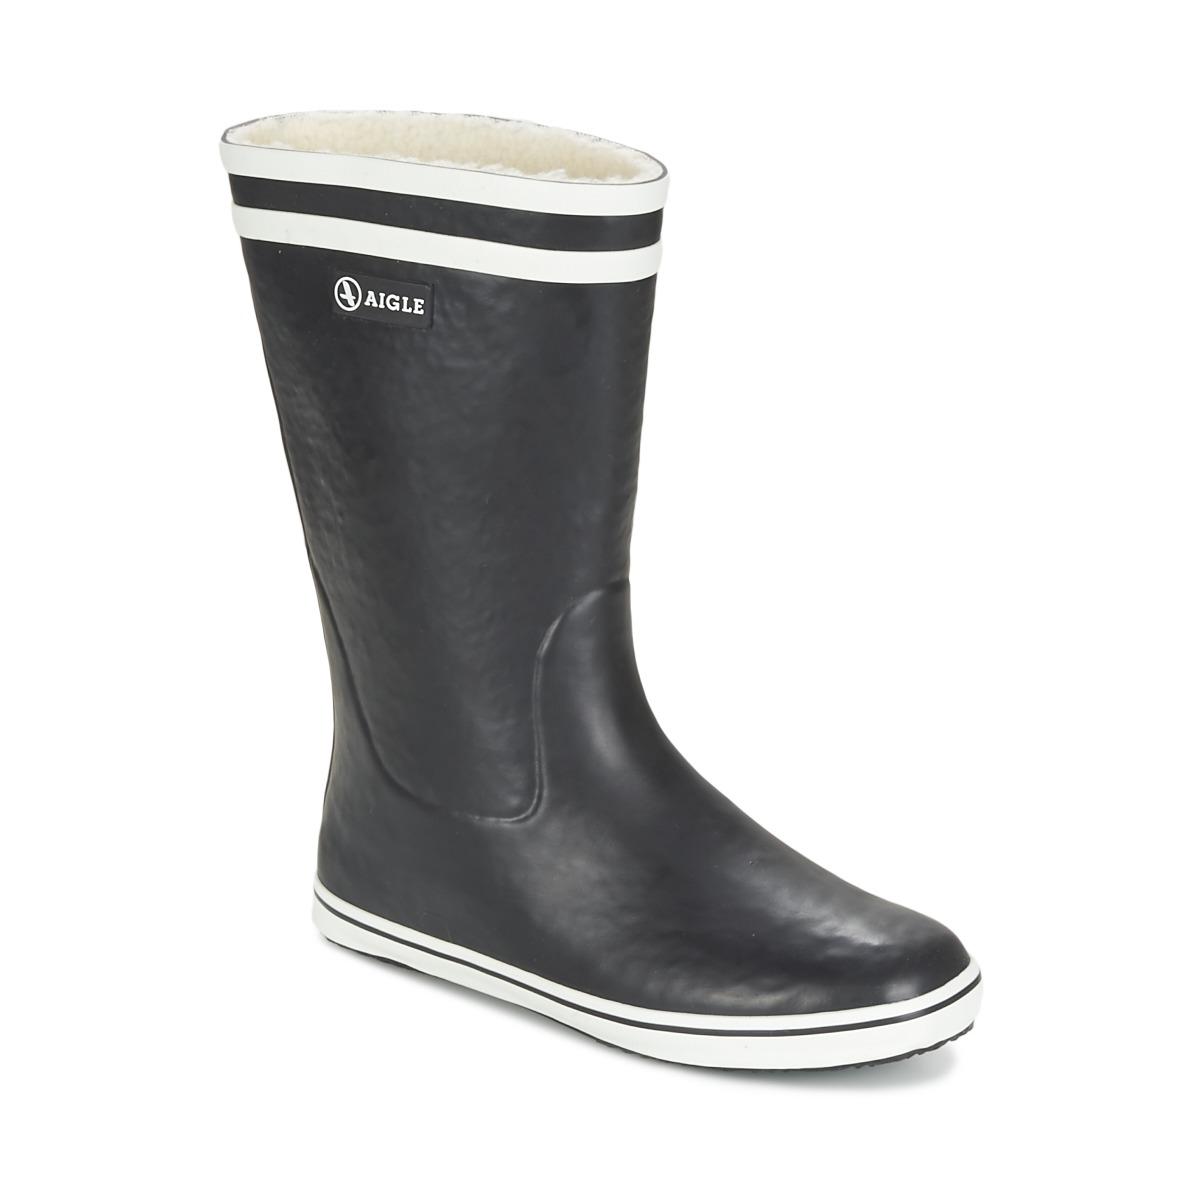 Femmes Femmes Rainboot Voile Sans Bottes En Caoutchouc Crocos n54V1uHww